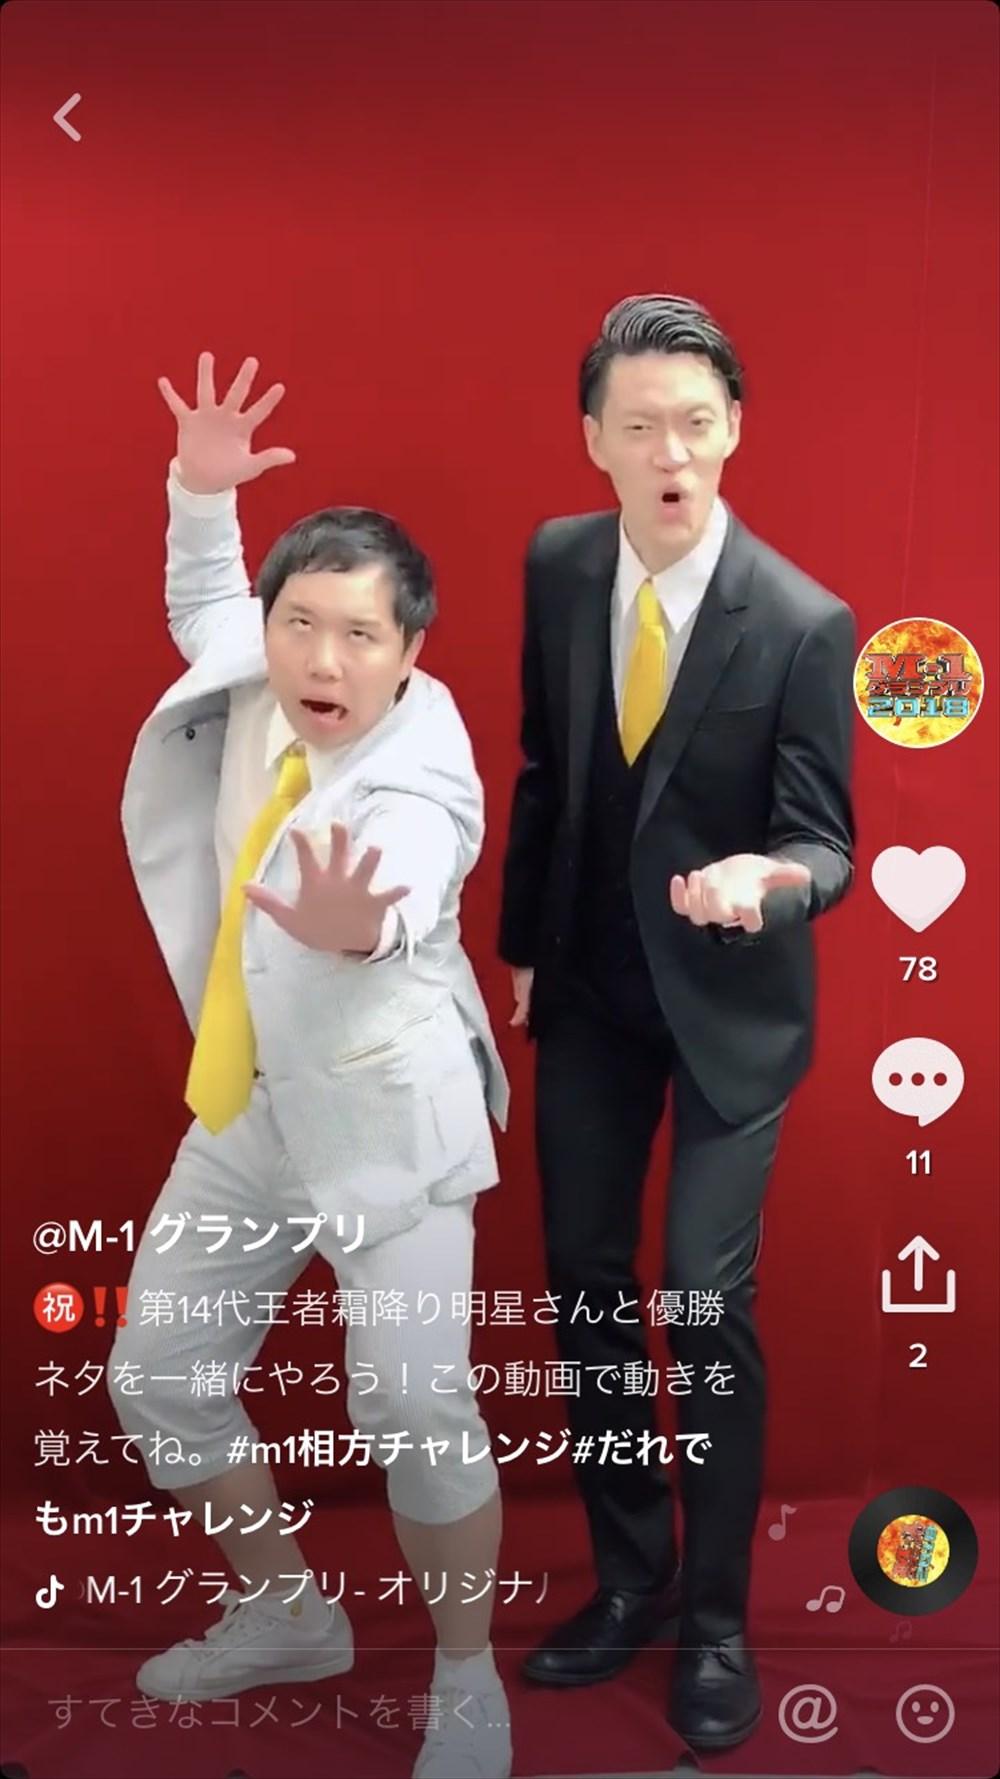 相方チャレンジ動画_R